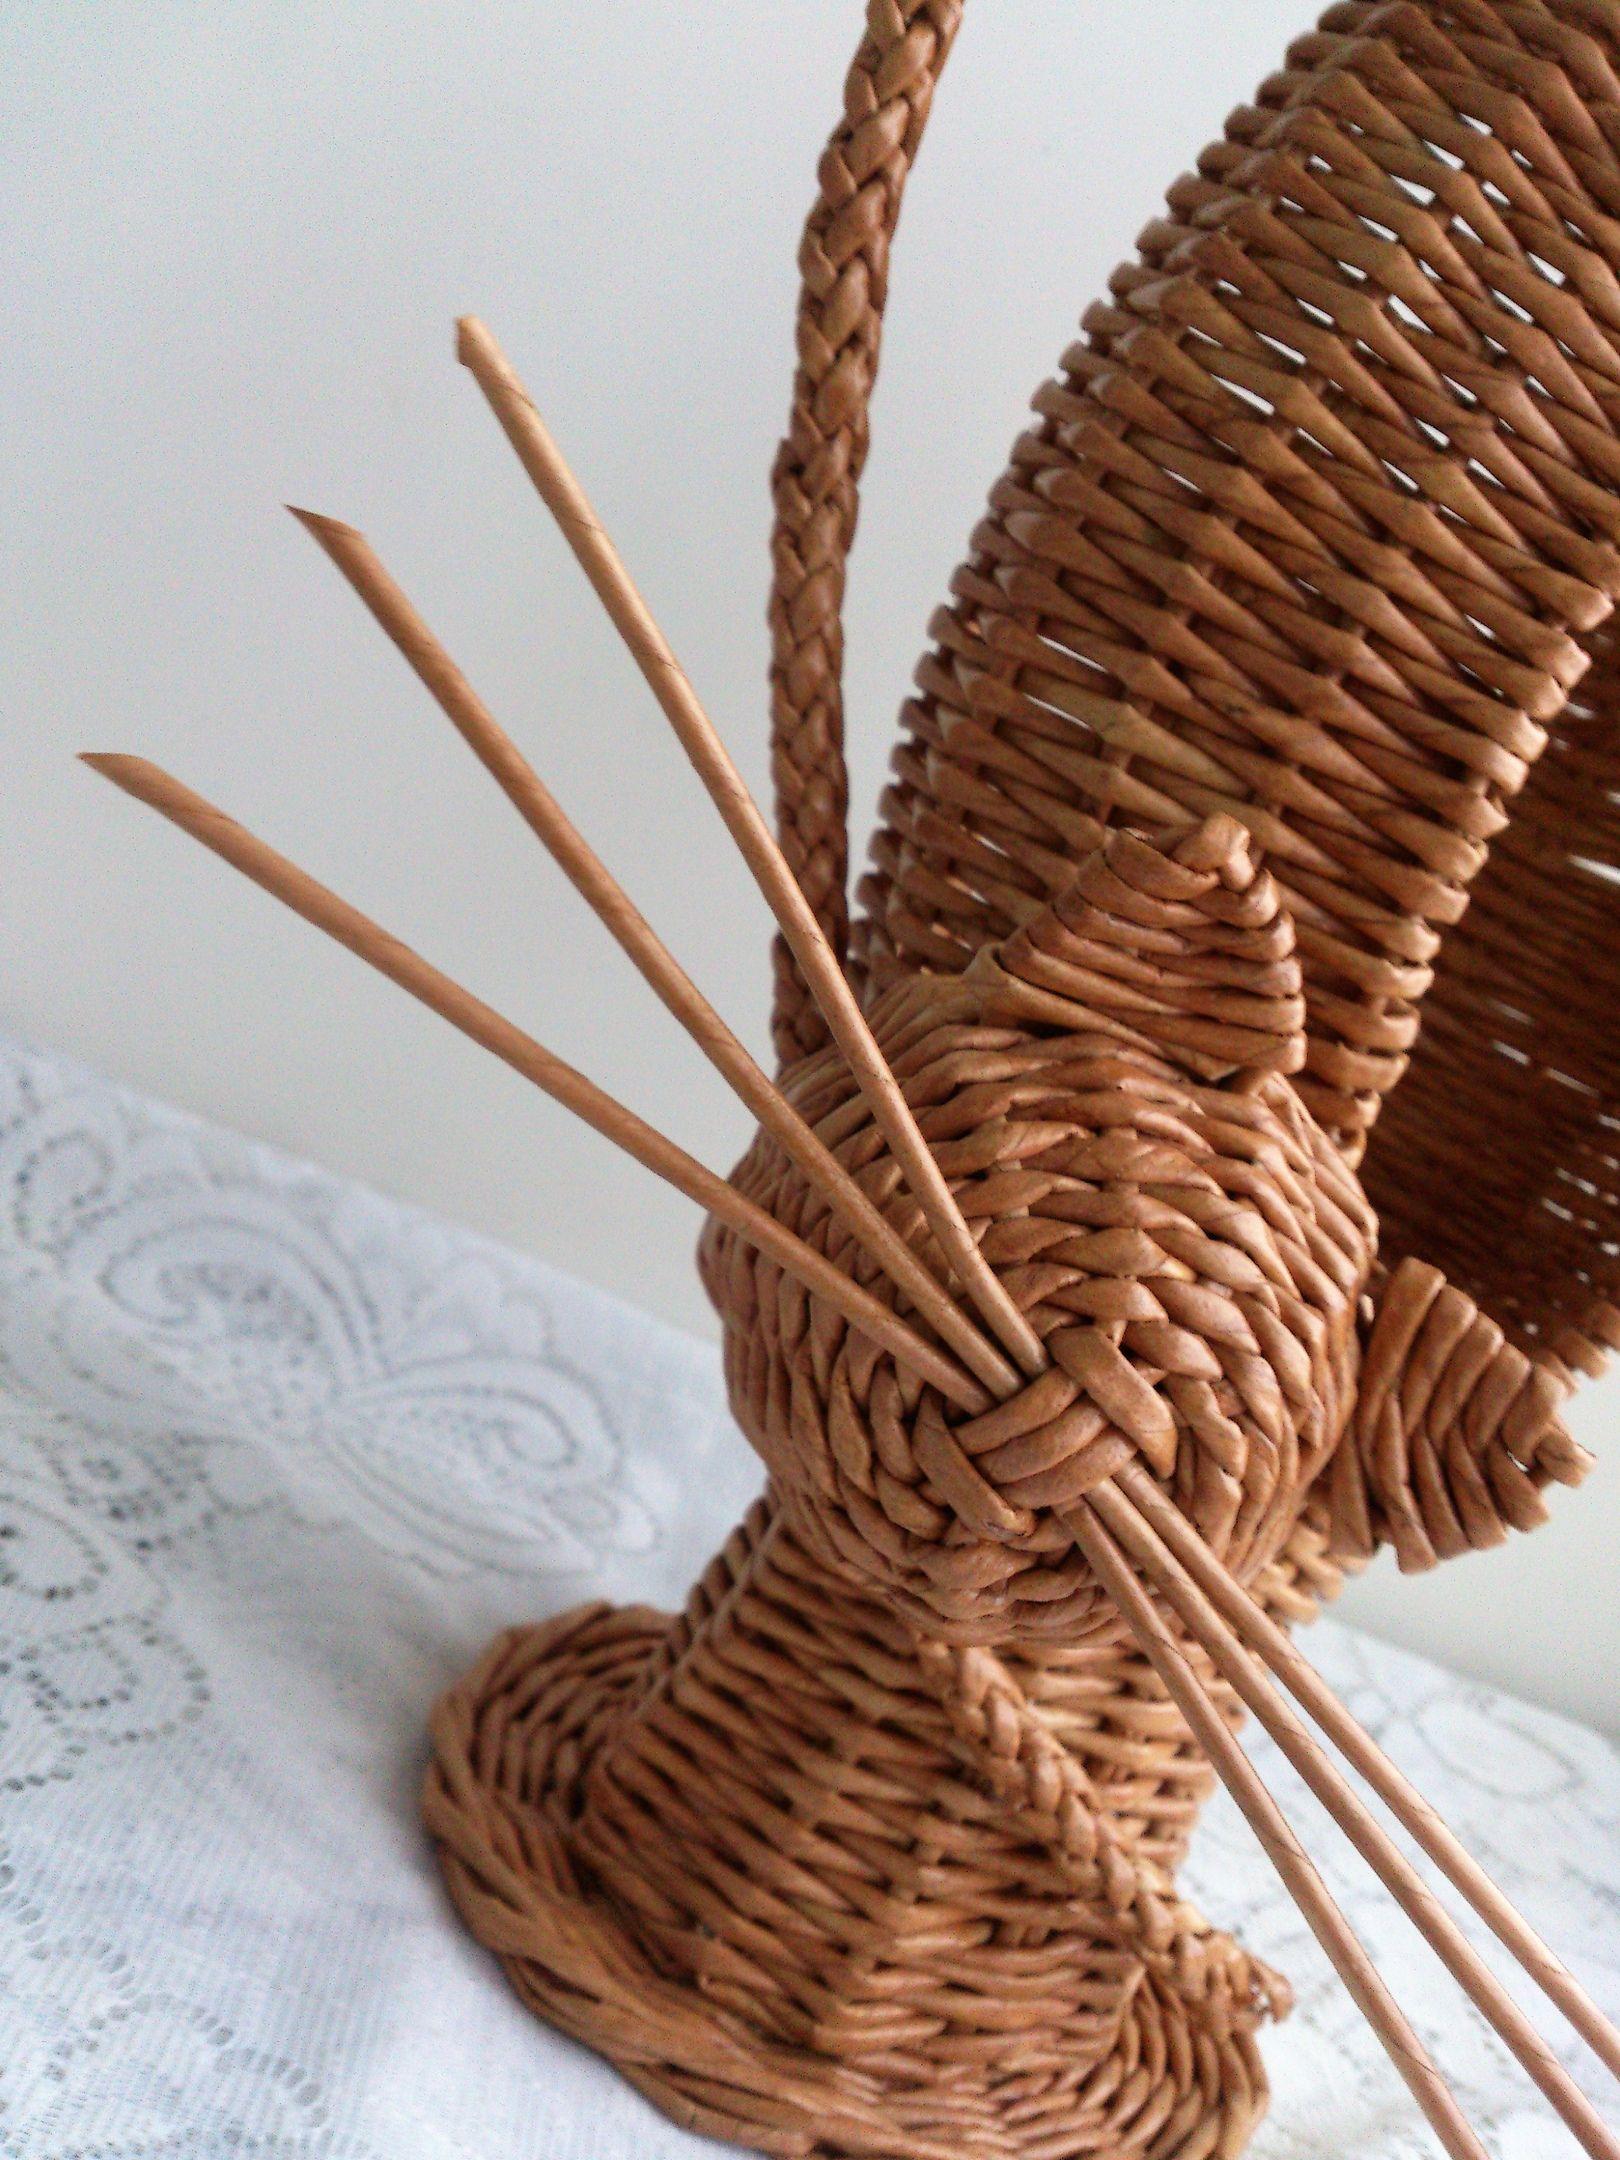 Поделки из коктейльных трубочек. мастер-класс с родителями «нетрадиционные техники использования коктейльных трубочек плетение корзинок из коктейльных трубочек своими руками